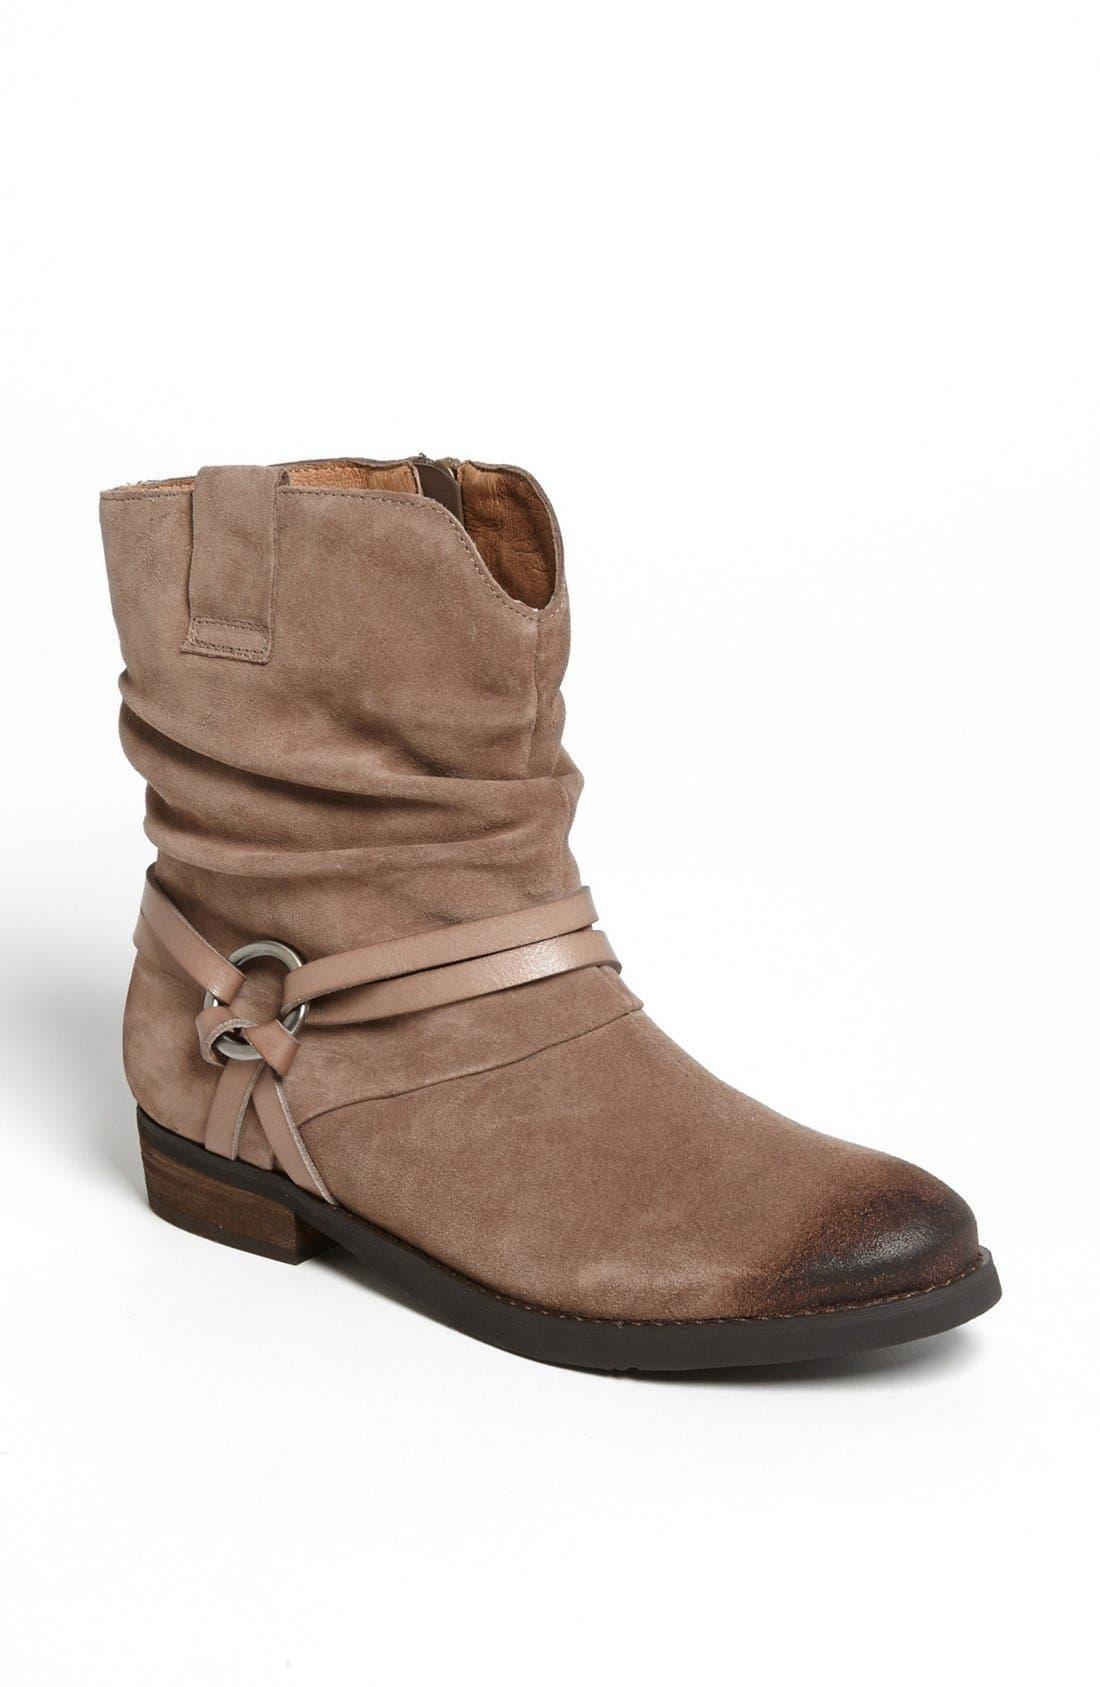 Alternate Image 1 Selected - Corso Como 'Seaton' Boot